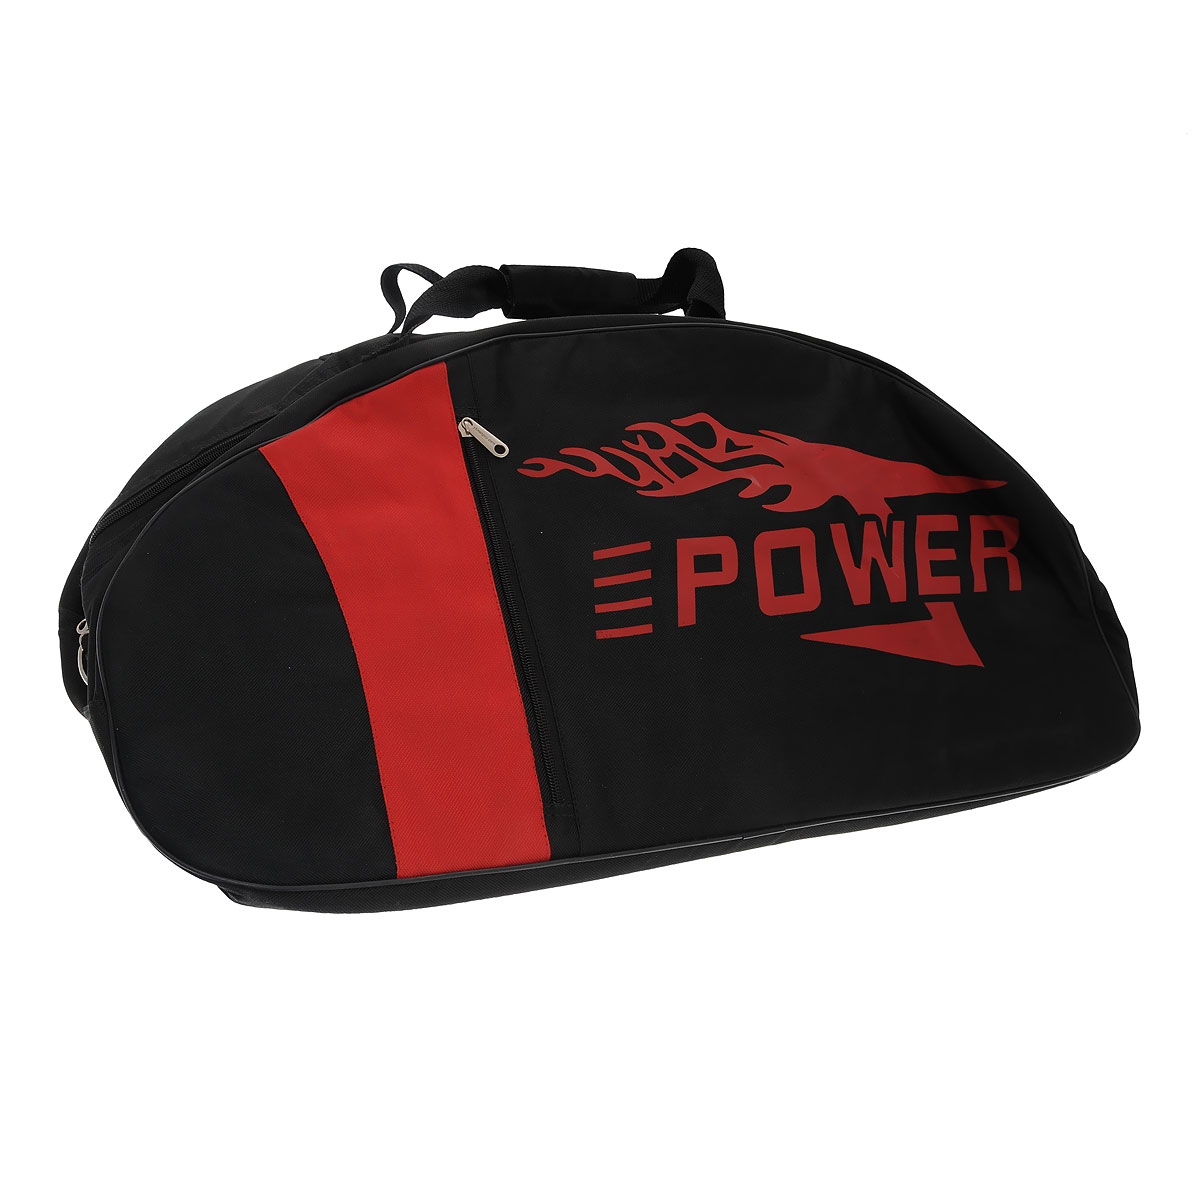 Сумка-чехол для детских джамперов  Power , цвет: черный, красный - Погостики, джамперы